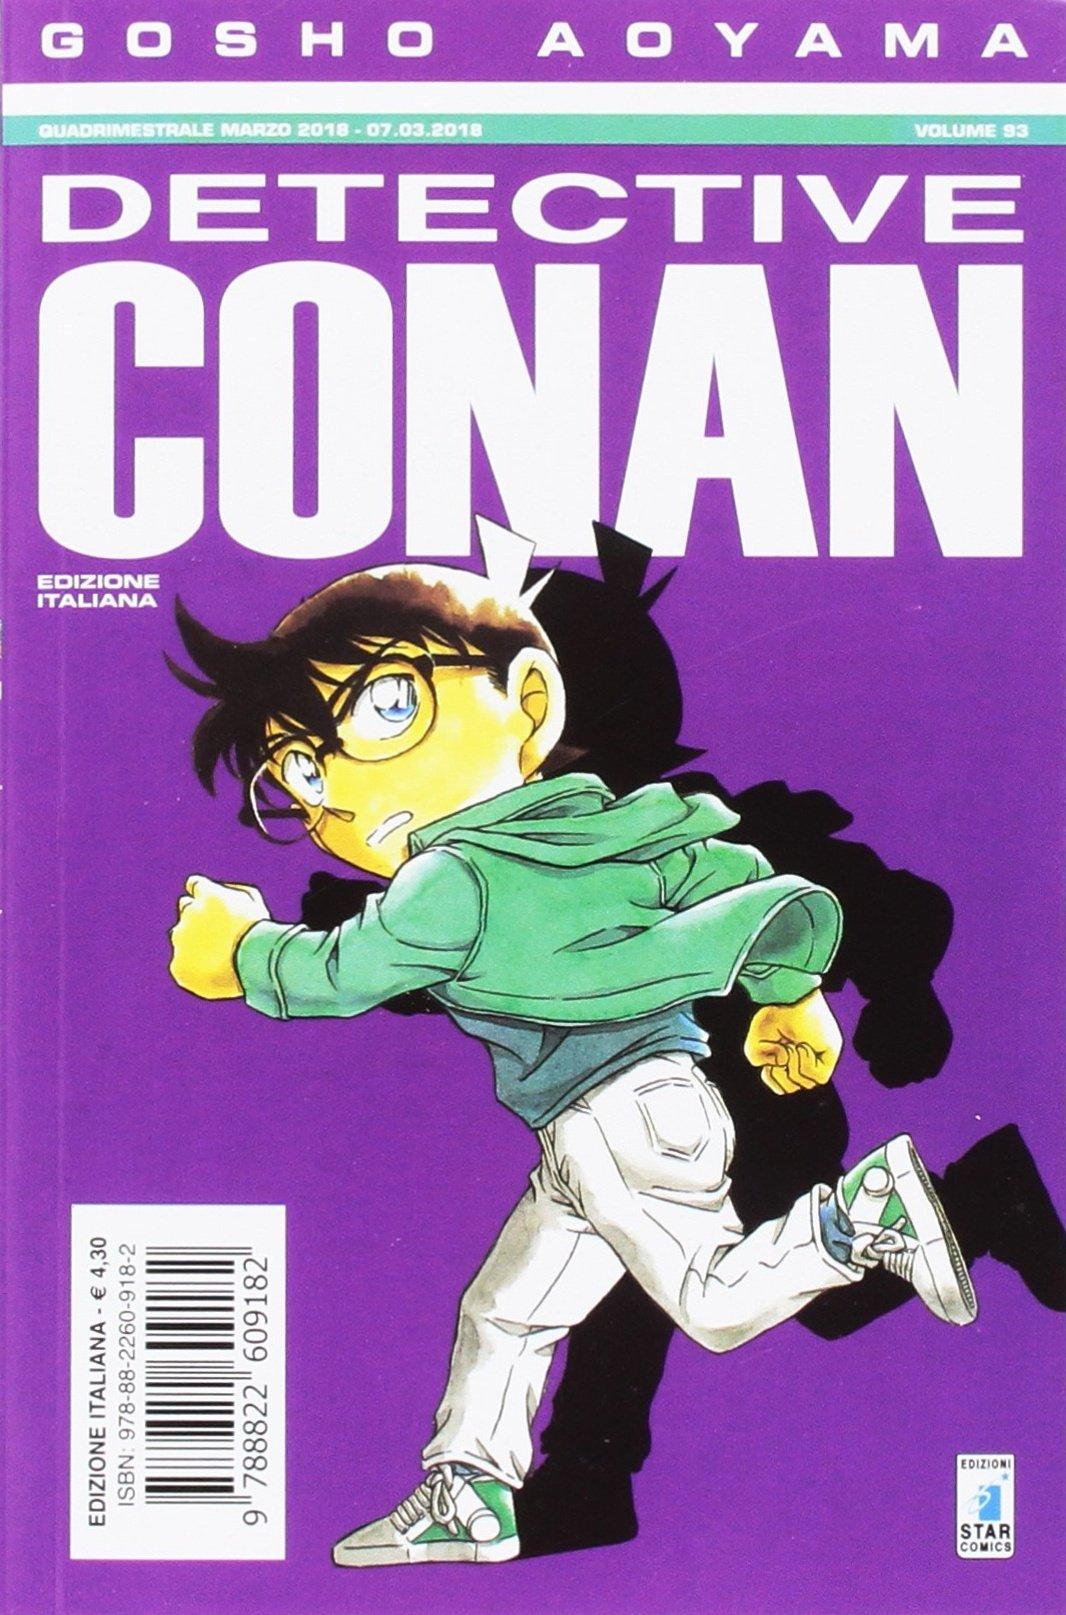 Detective Conan Vol. 93